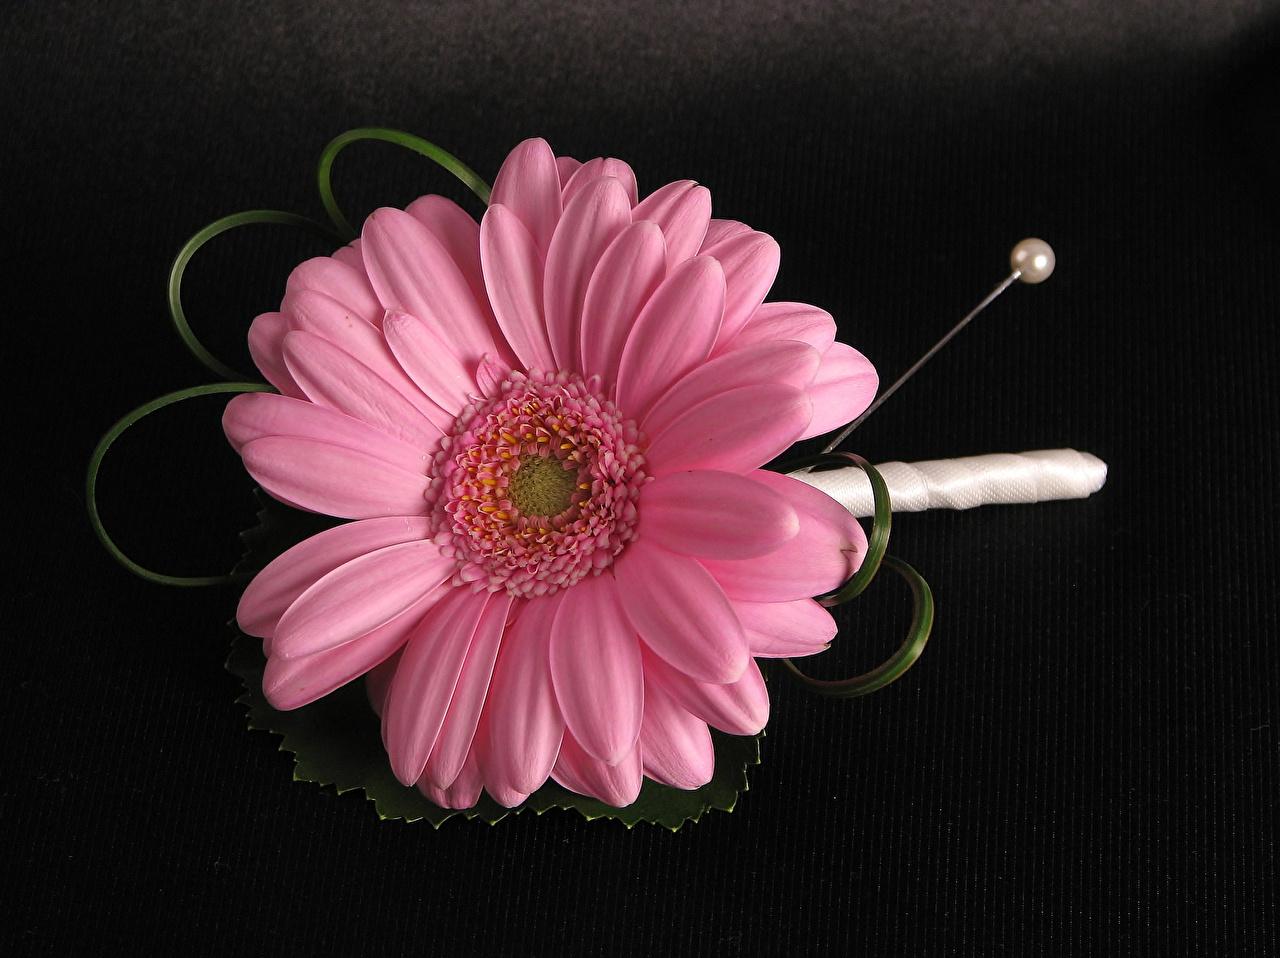 Фотография Розовый Герберы Цветы вблизи Черный фон Крупным планом